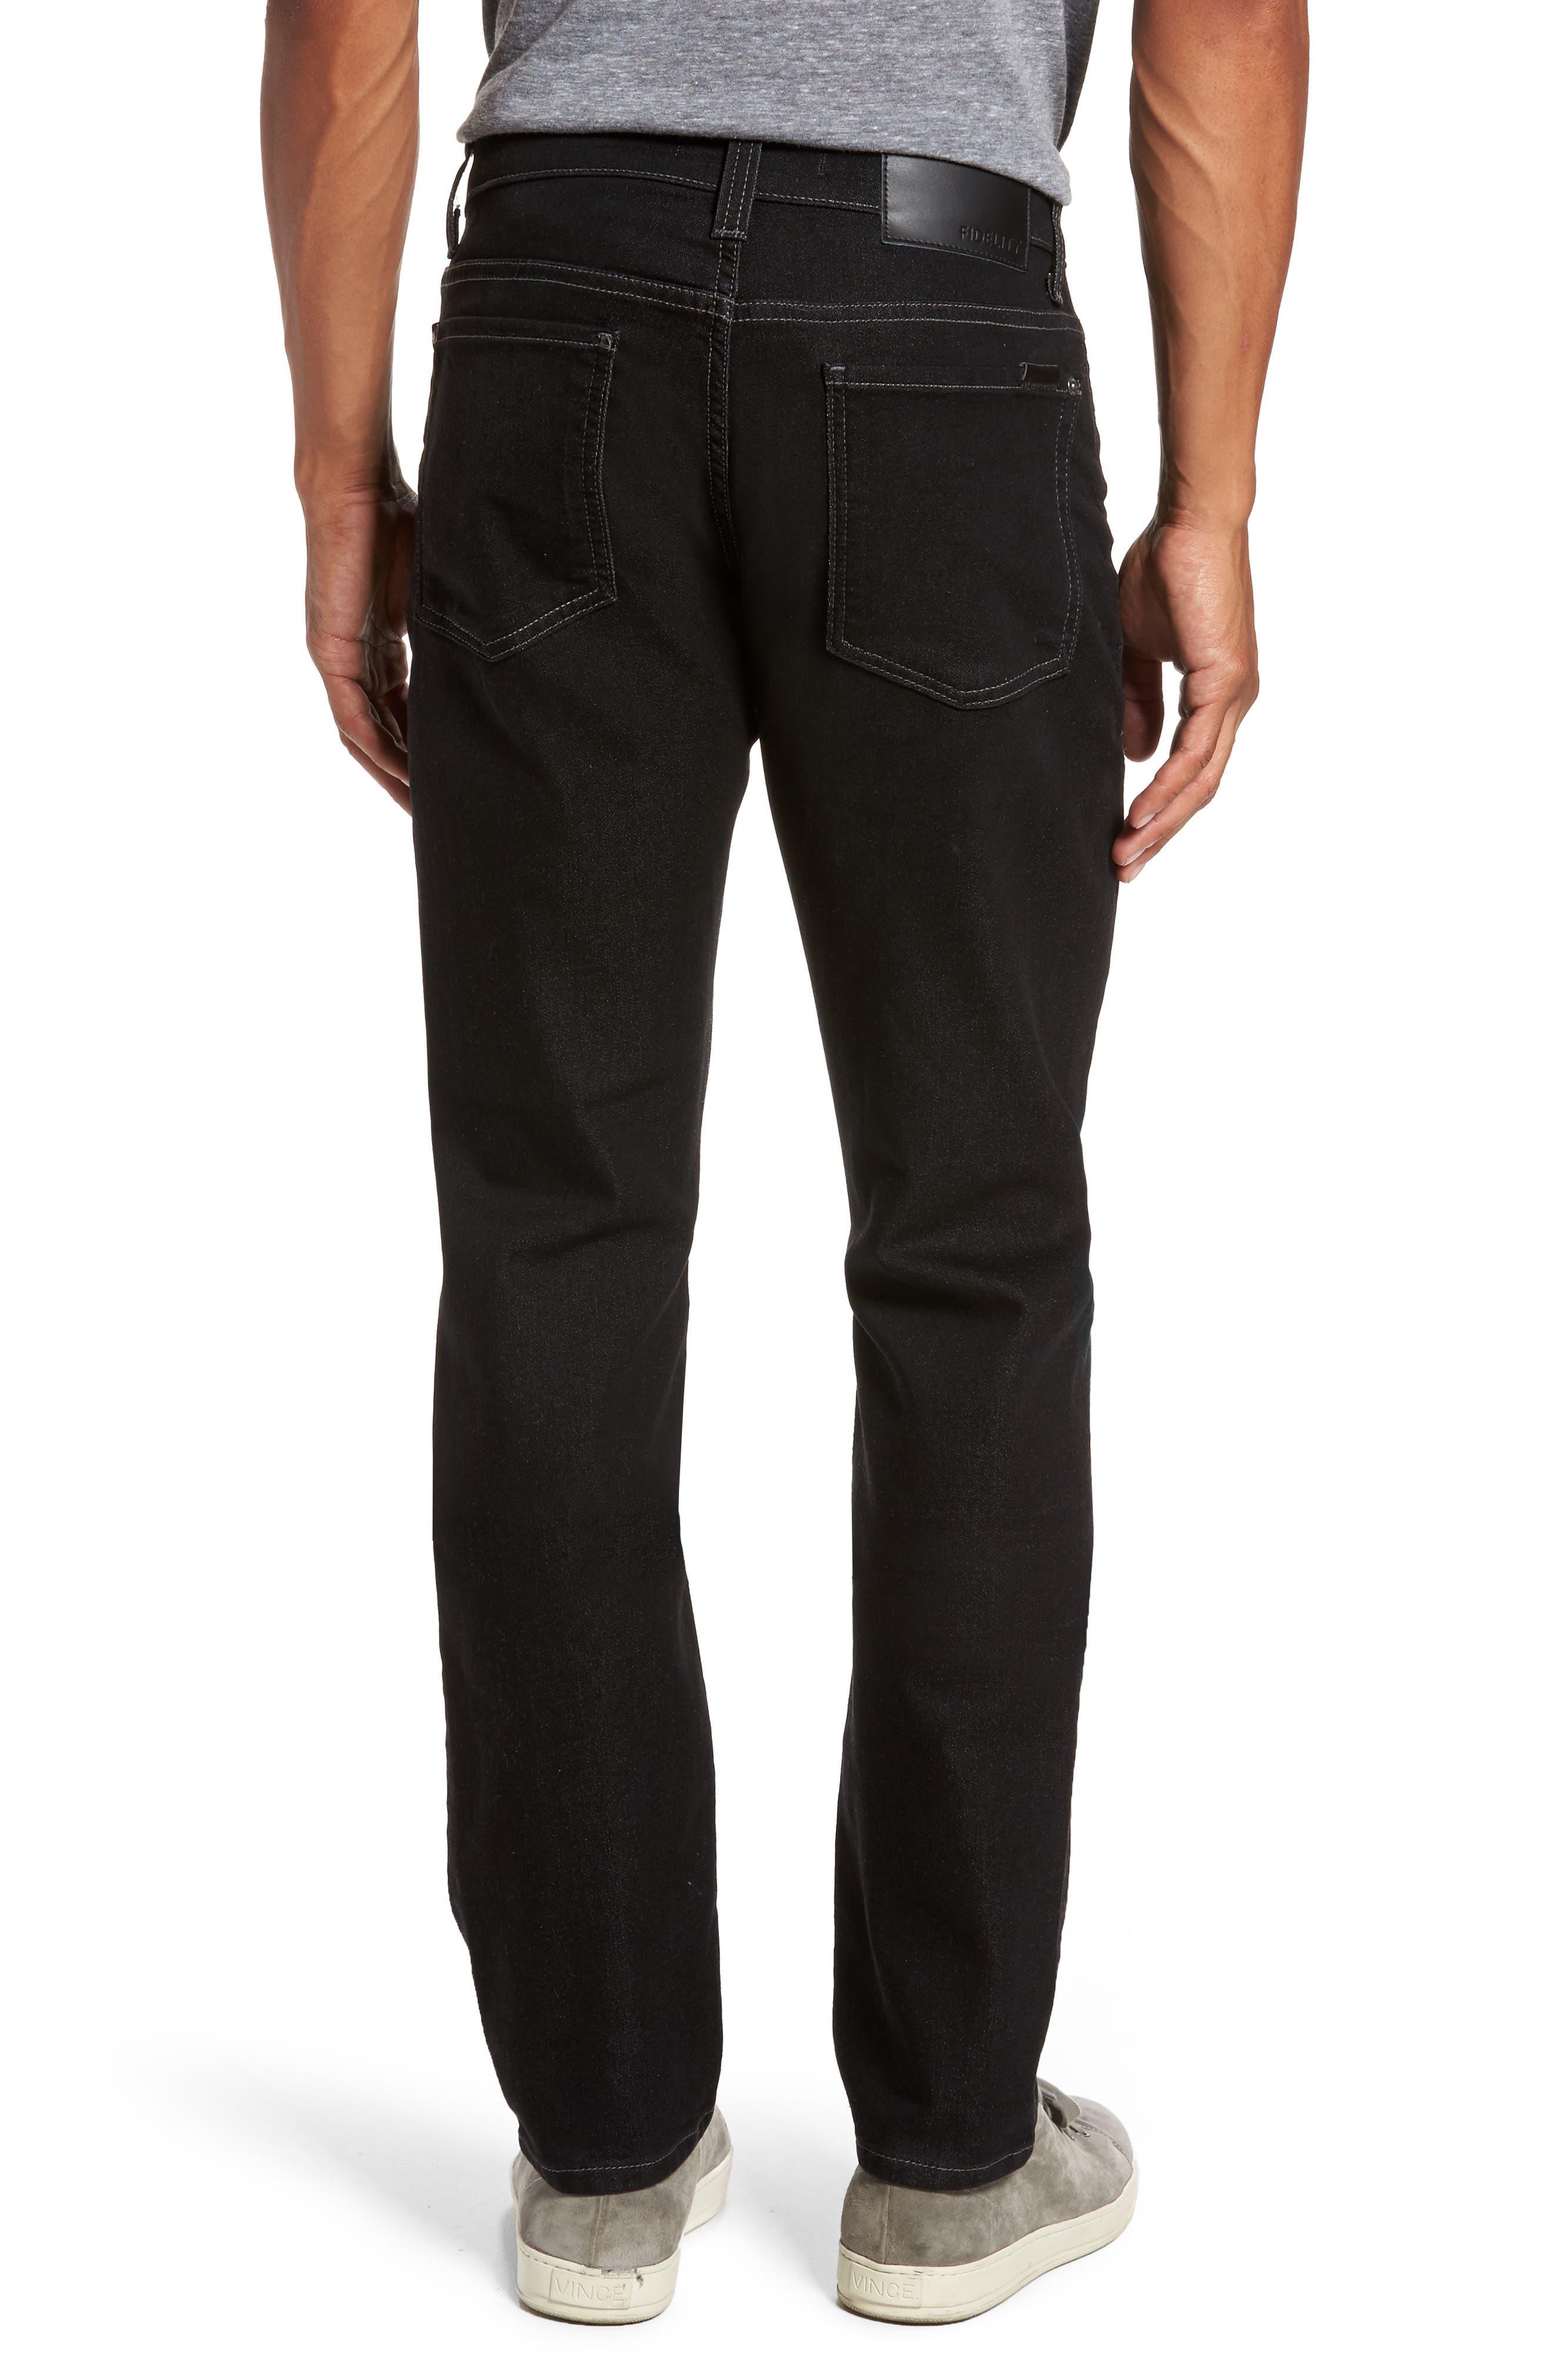 Torino Slim Fit Jeans,                             Alternate thumbnail 2, color,                             Oxy Black On Black